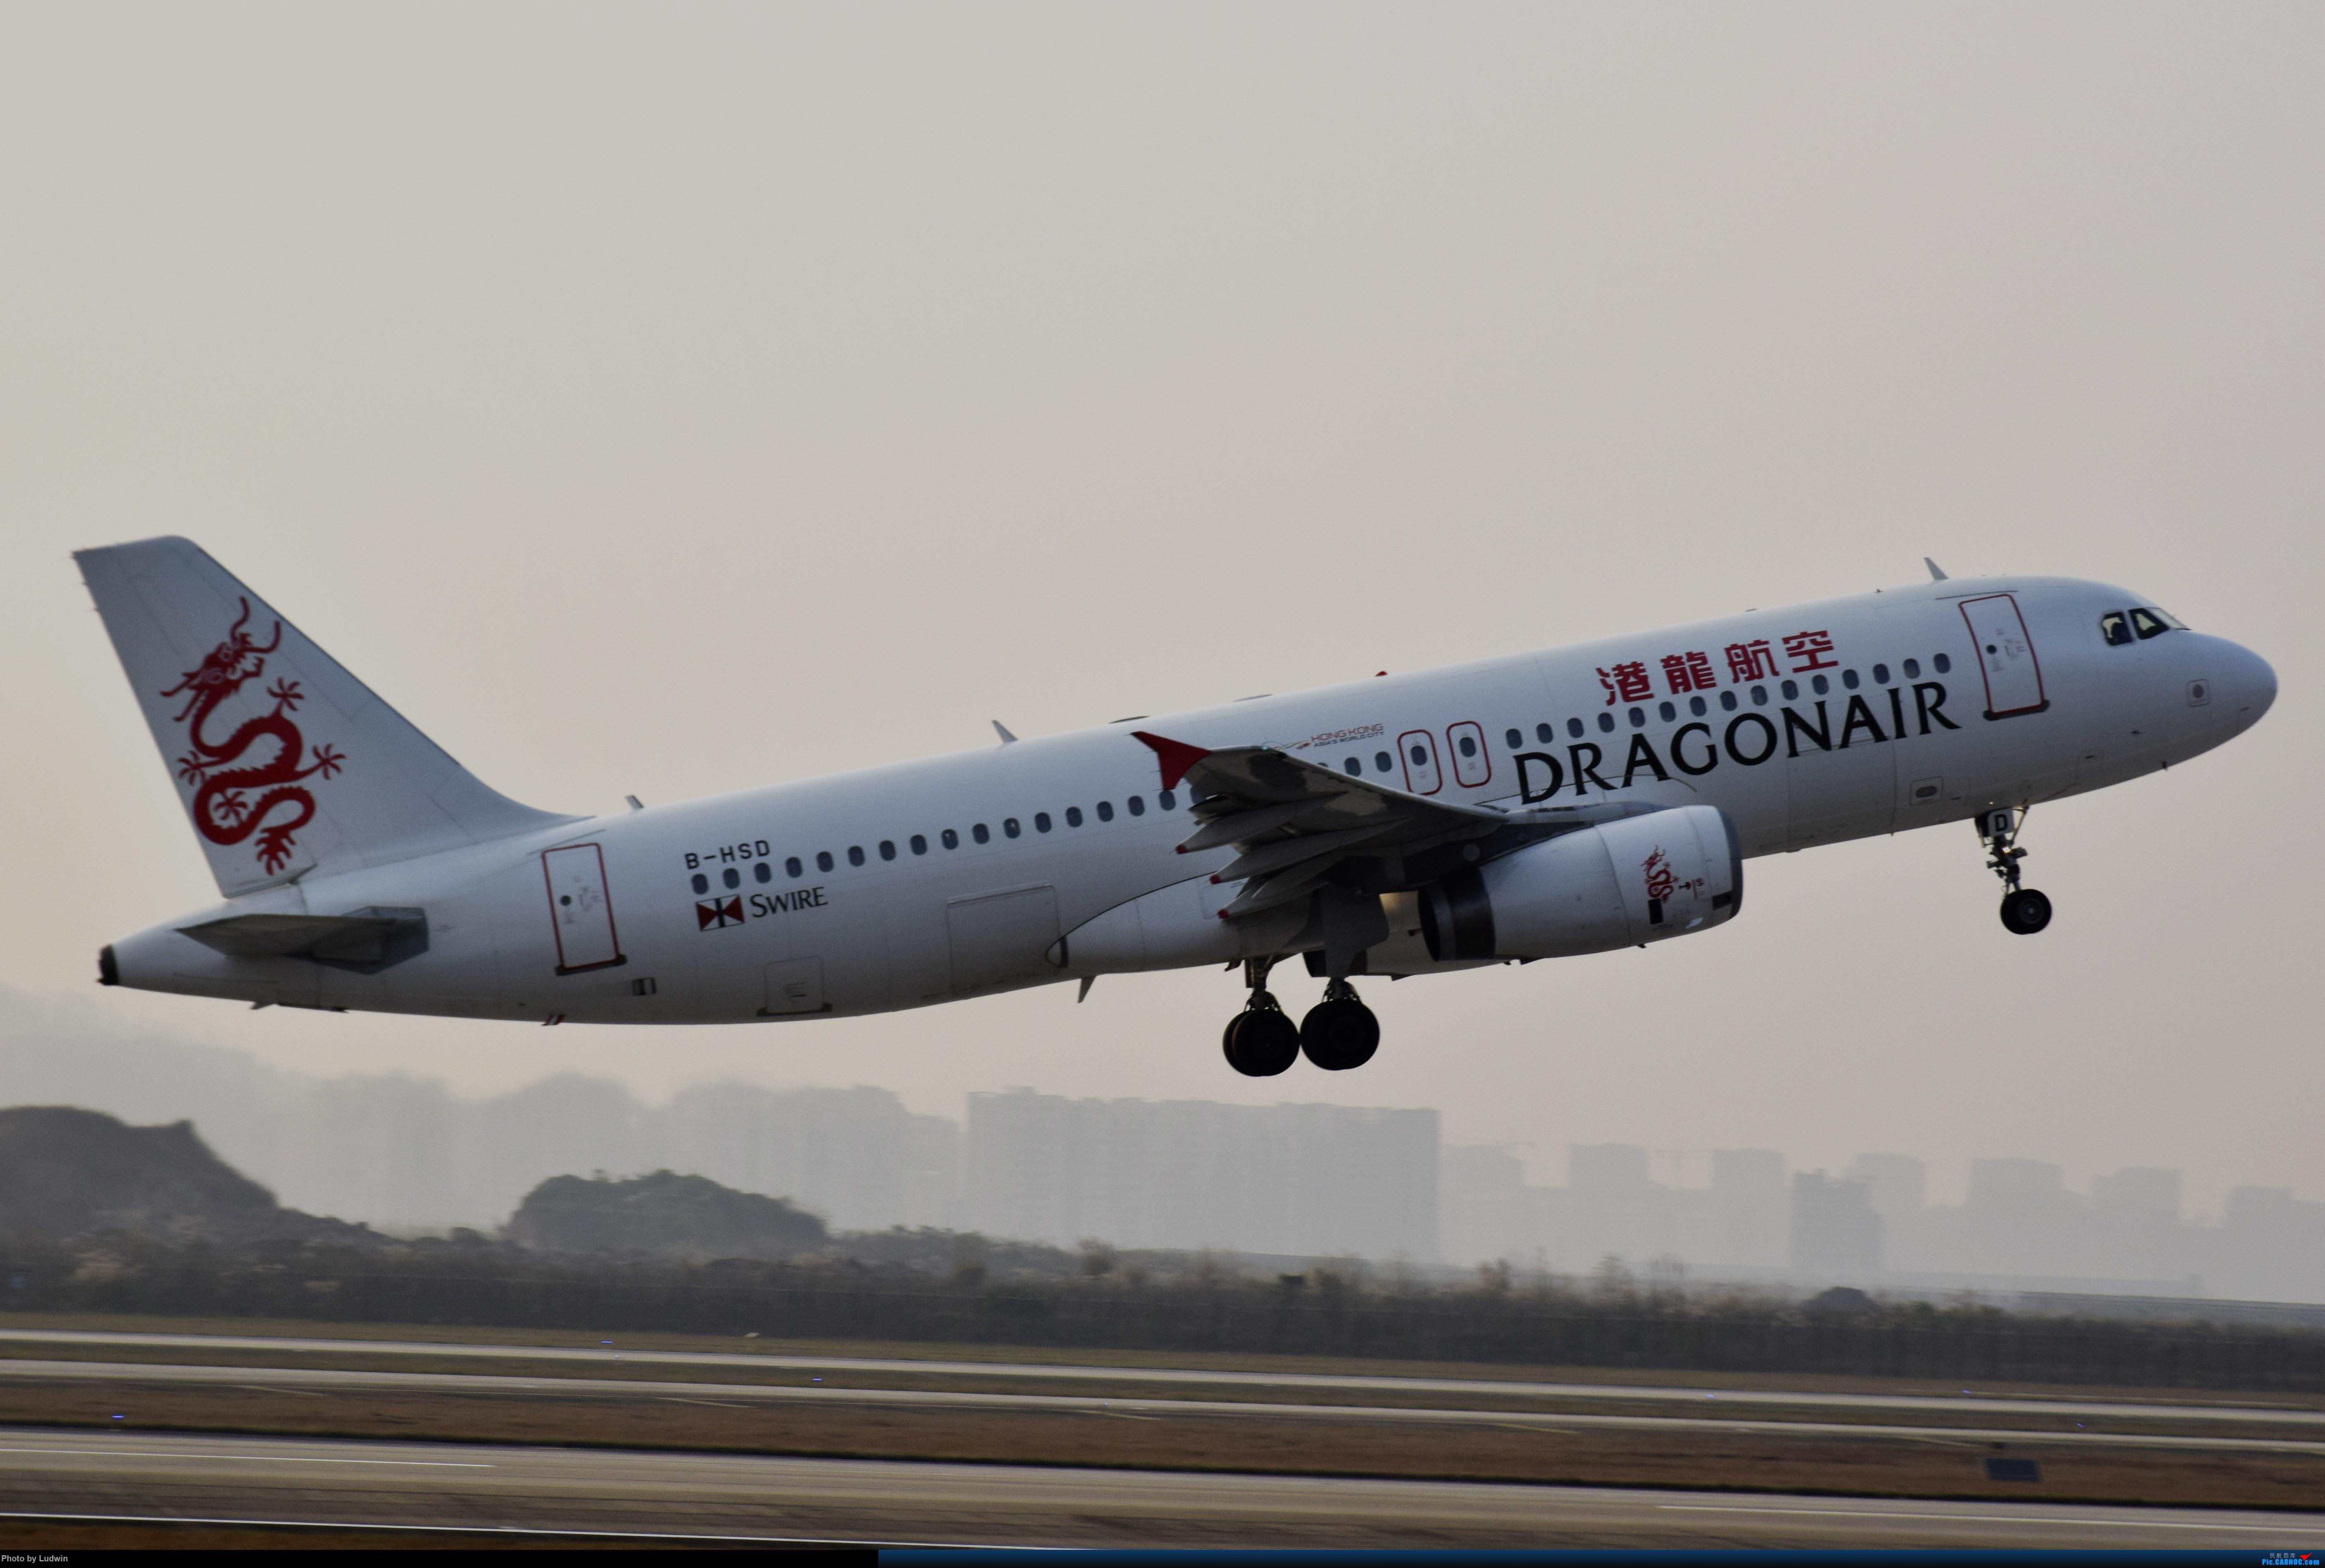 [原创]一图 港龙320 AIRBUS A320-200 B-HSD 中国重庆江北国际机场